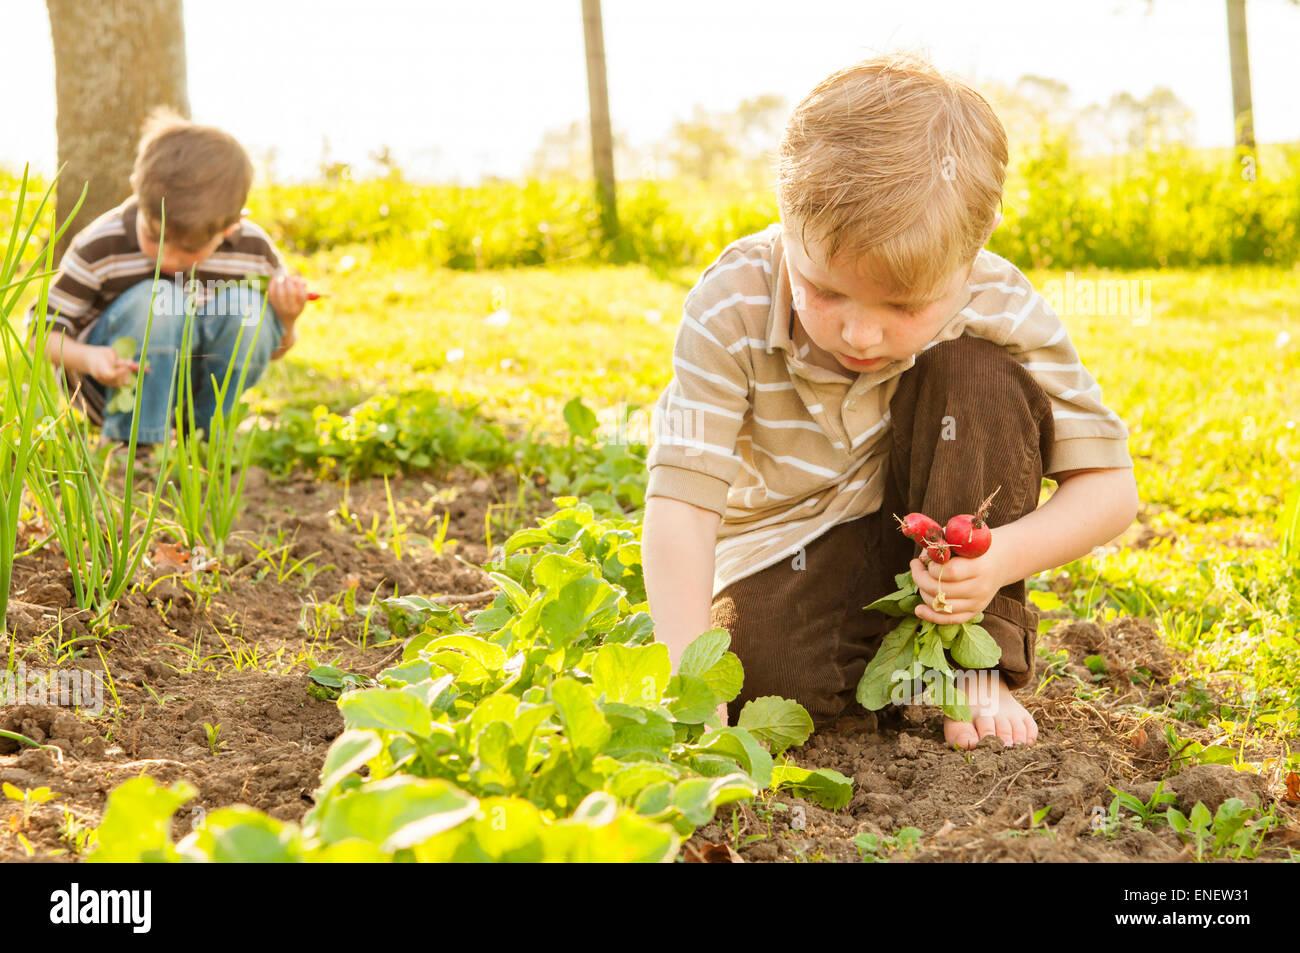 Deux garçons qui travaillent dans le jardin de printemps Photo Stock